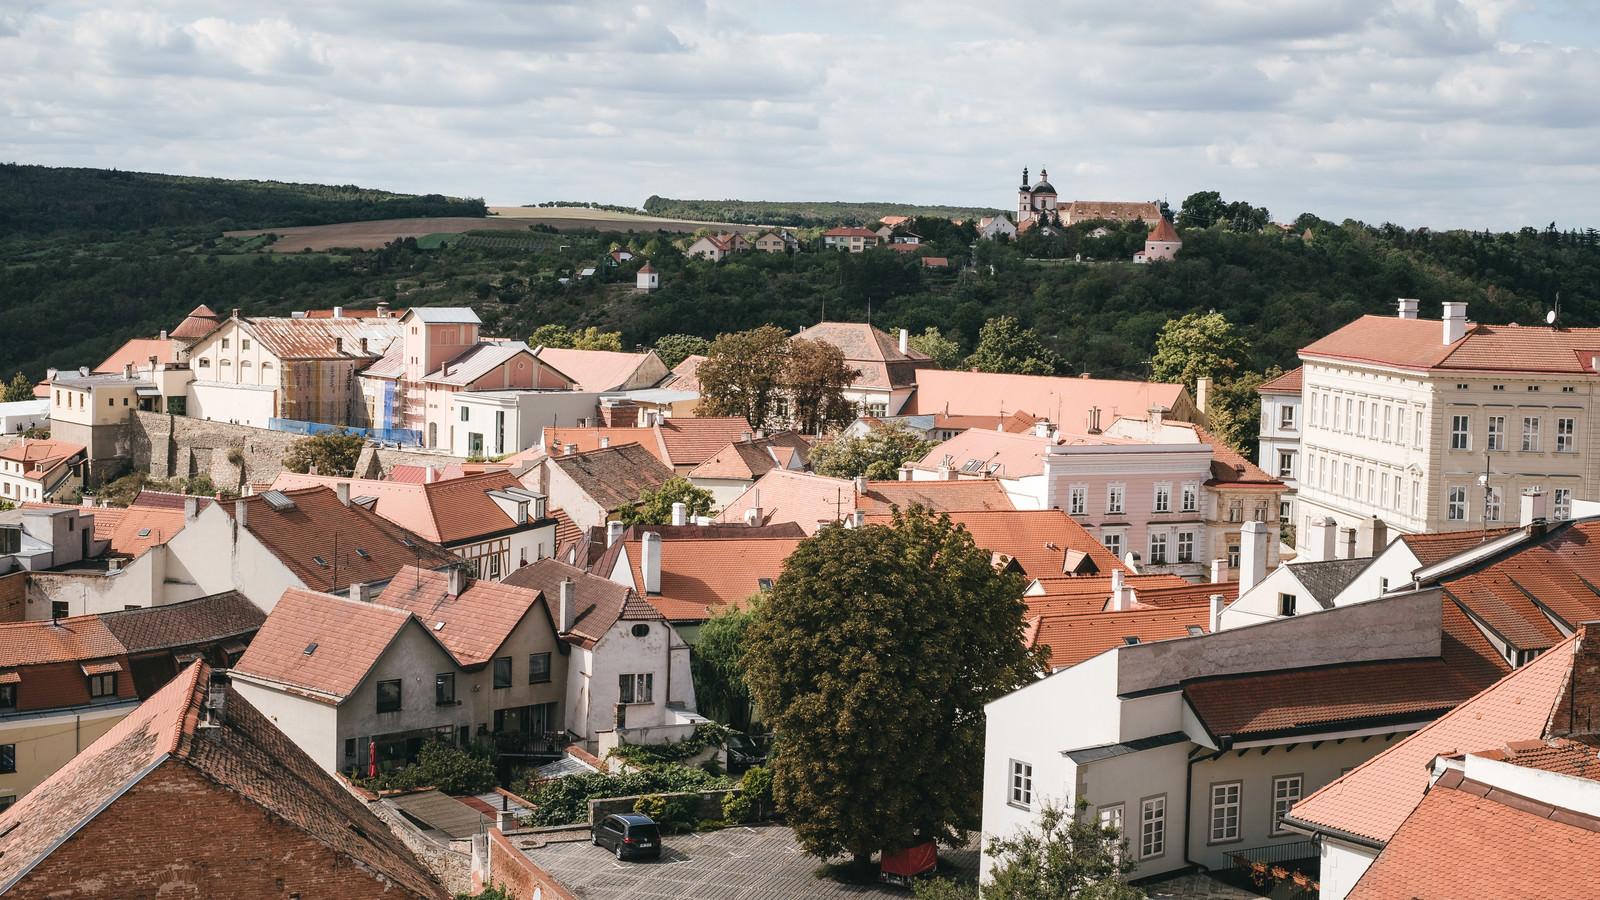 「小高い丘とズノイモ市の住宅街(チェコ共和国)」の写真